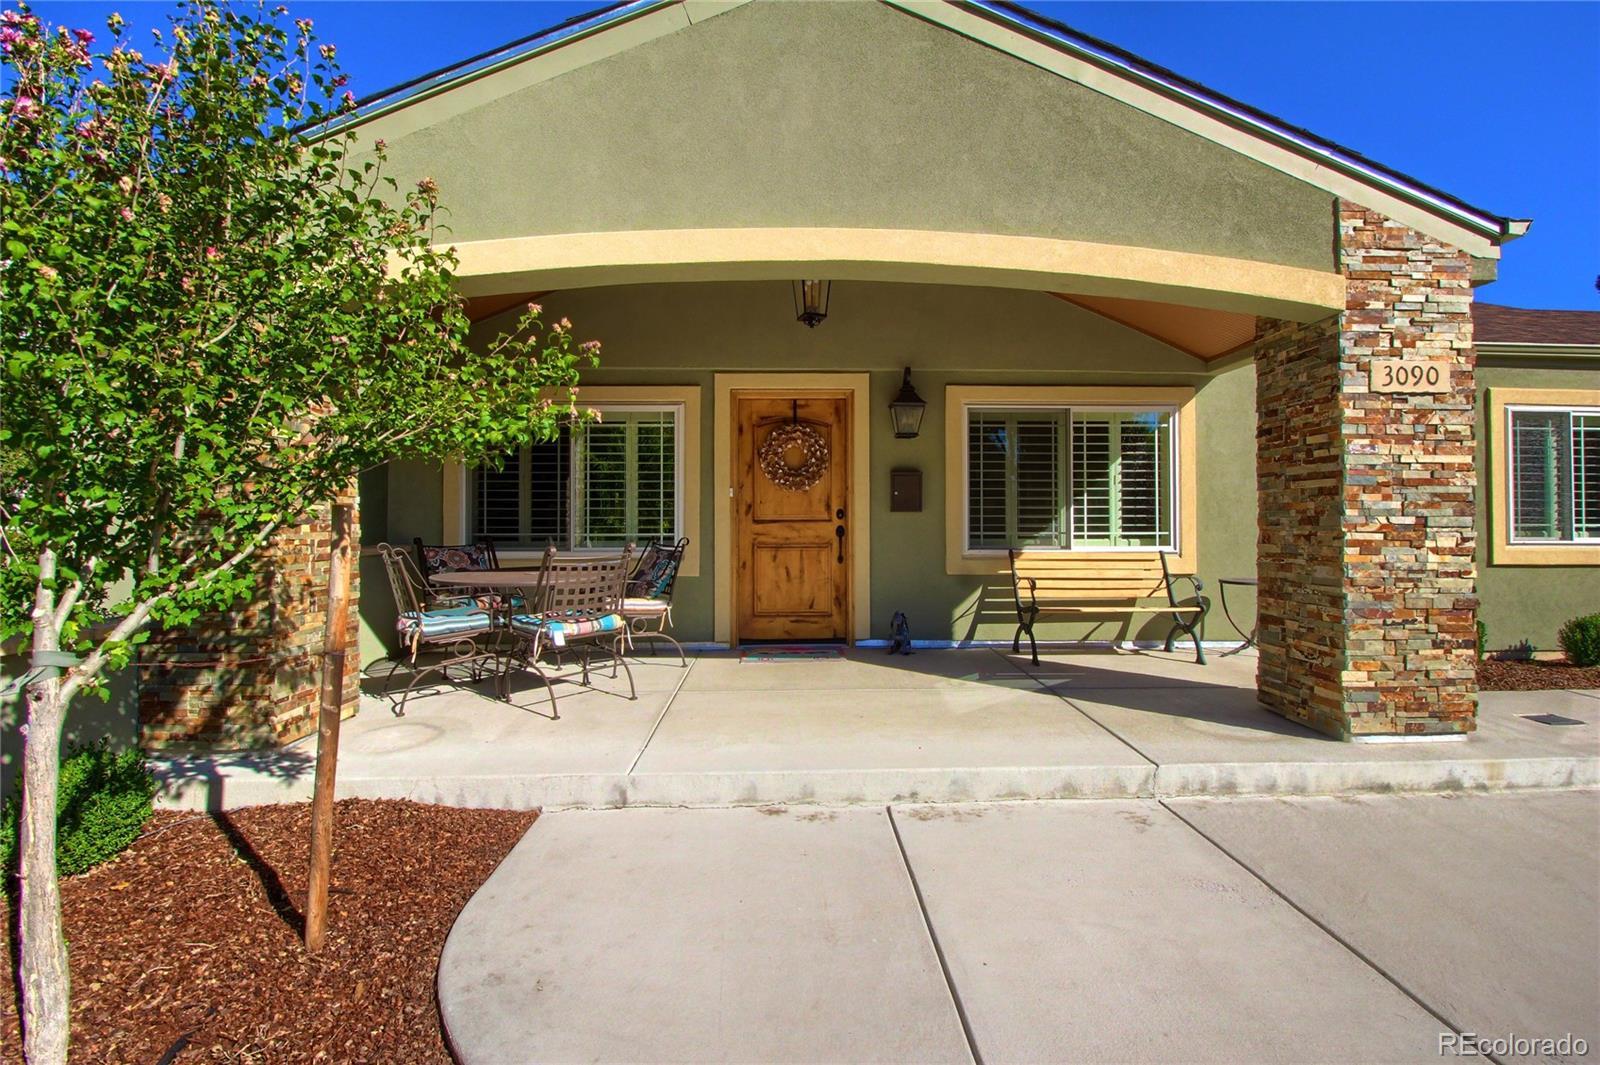 3090 S Ash Street, Denver, CO 80222 - Denver, CO real estate listing